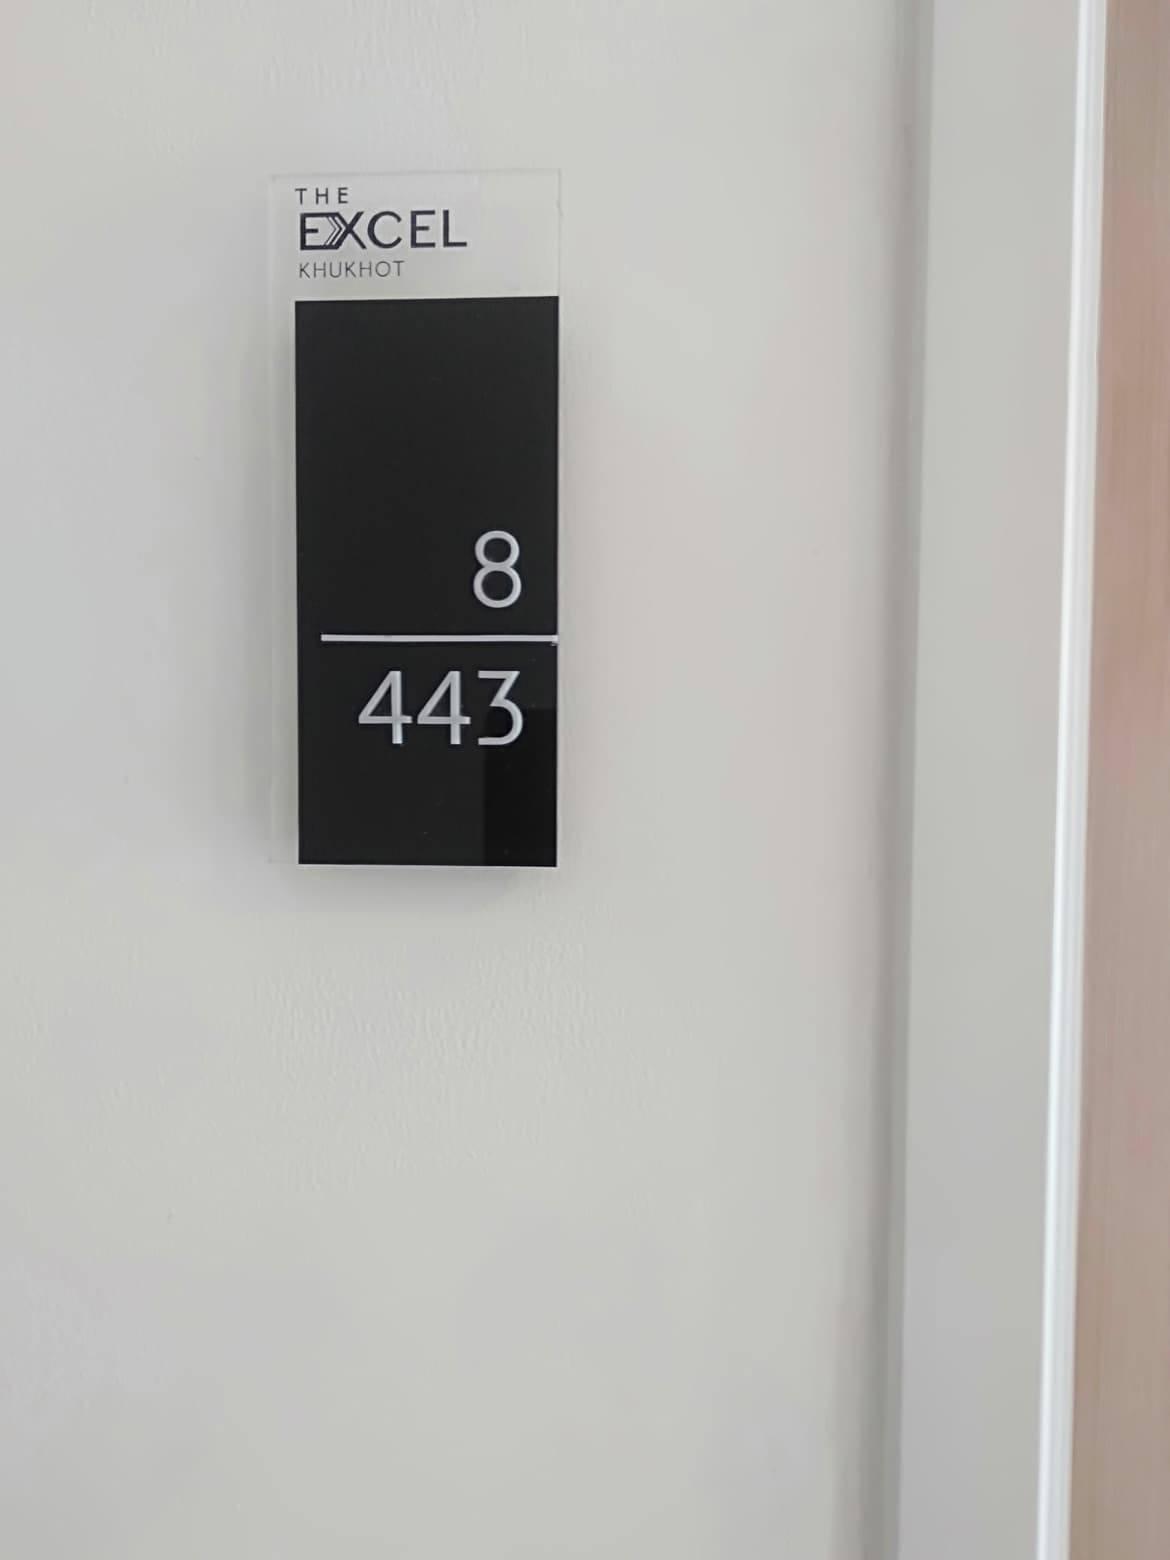 รูปของประกาศขายคอนโดดิ เอ็กเซล คูคต (The Excel Khu-khot)(1 ห้องนอน)(4)